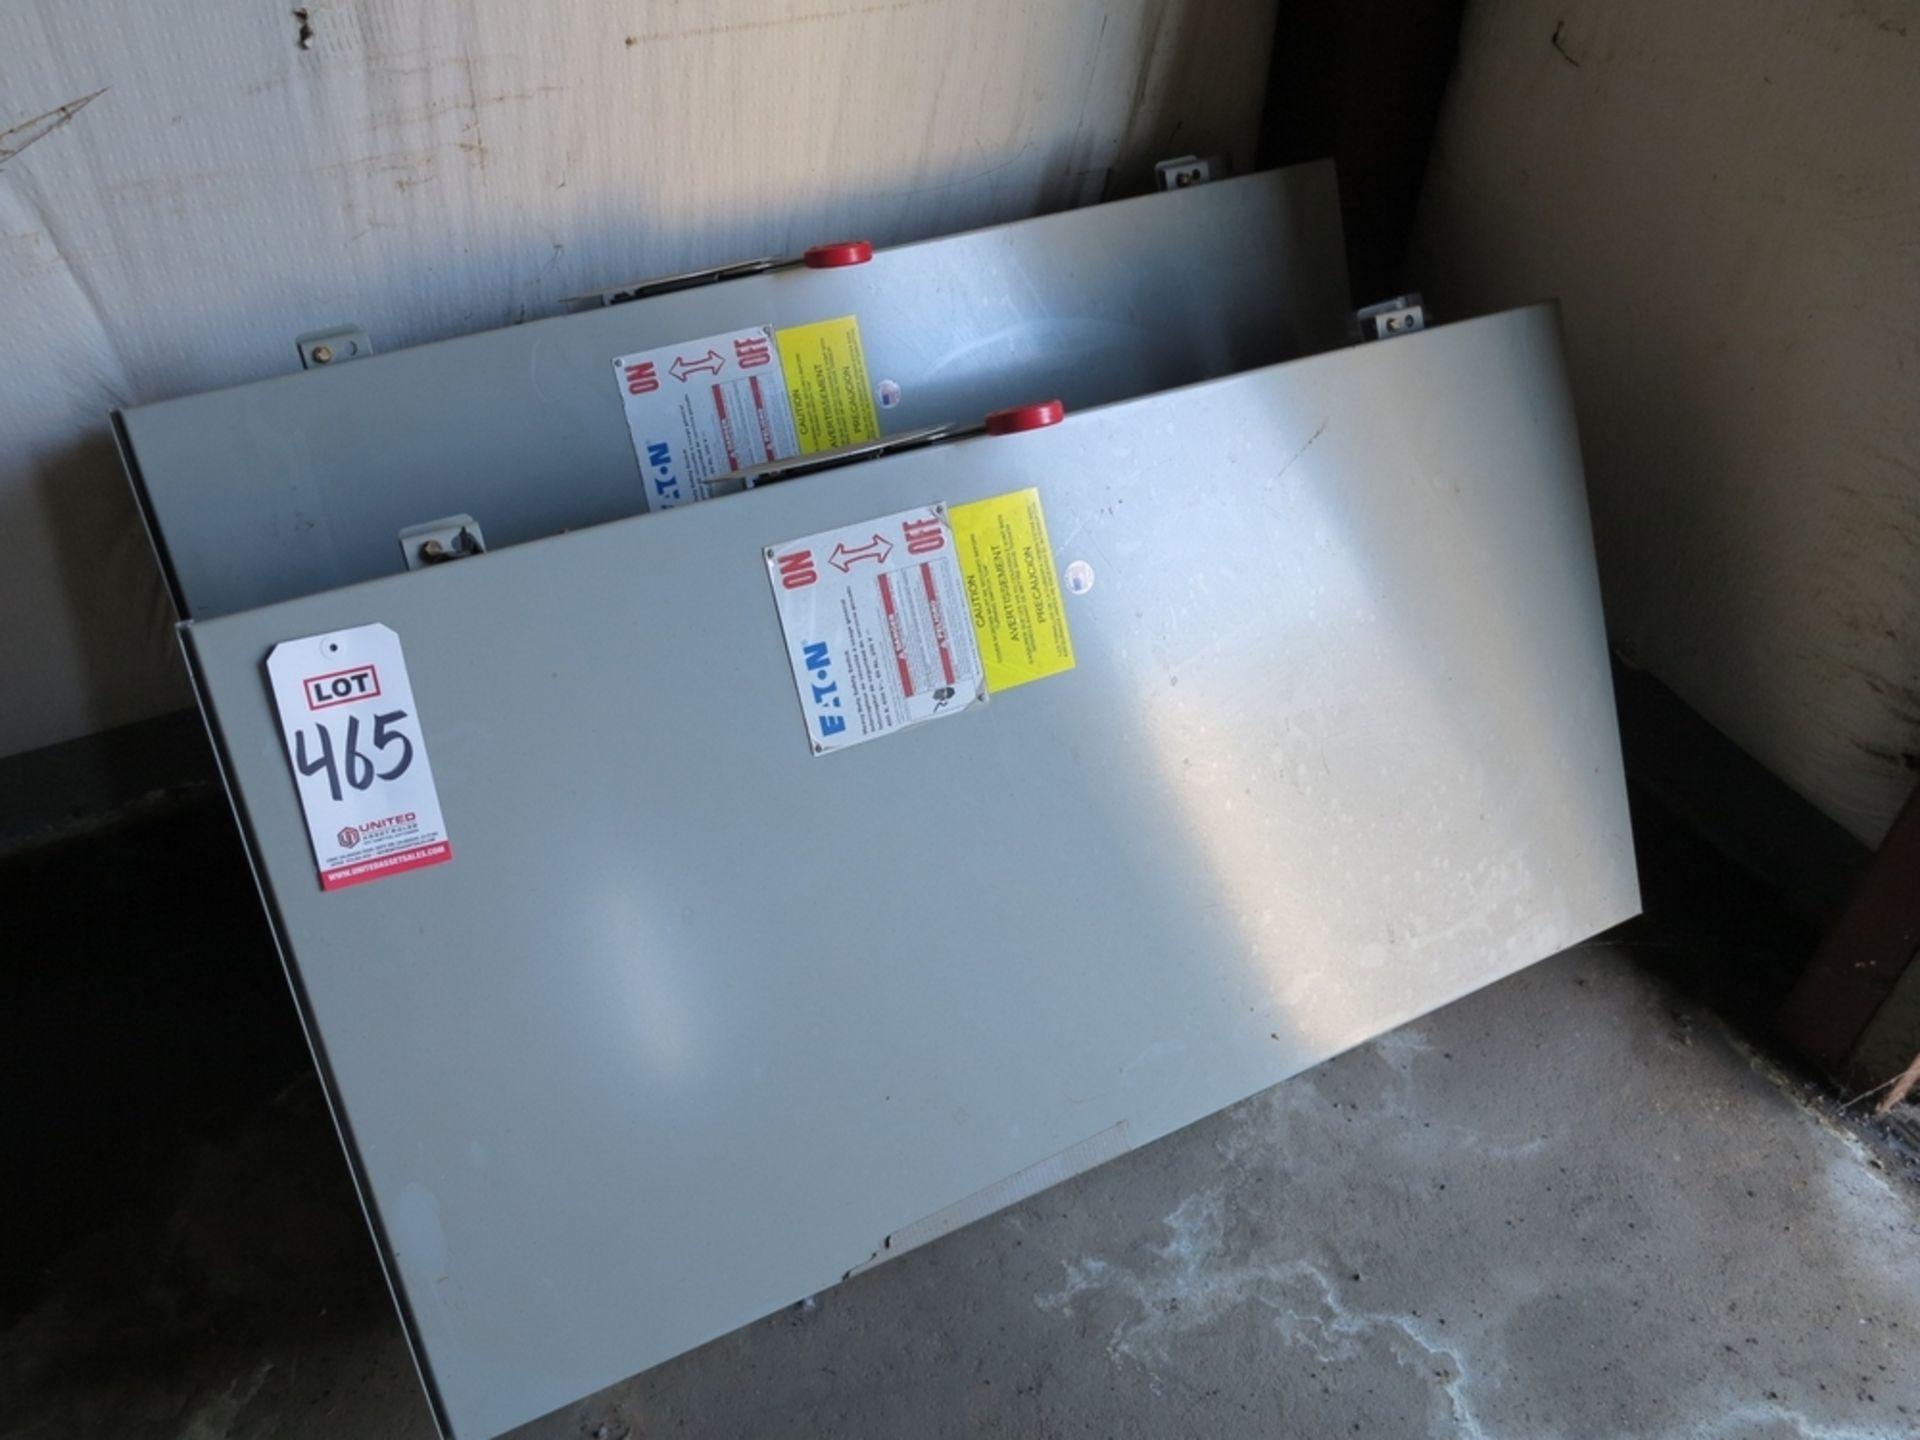 Lot 465 - LOT - (2) EATON HEAVY DUTY SAFETY SWITCH, 400 A, 600 V, 60 HZ, 250 V